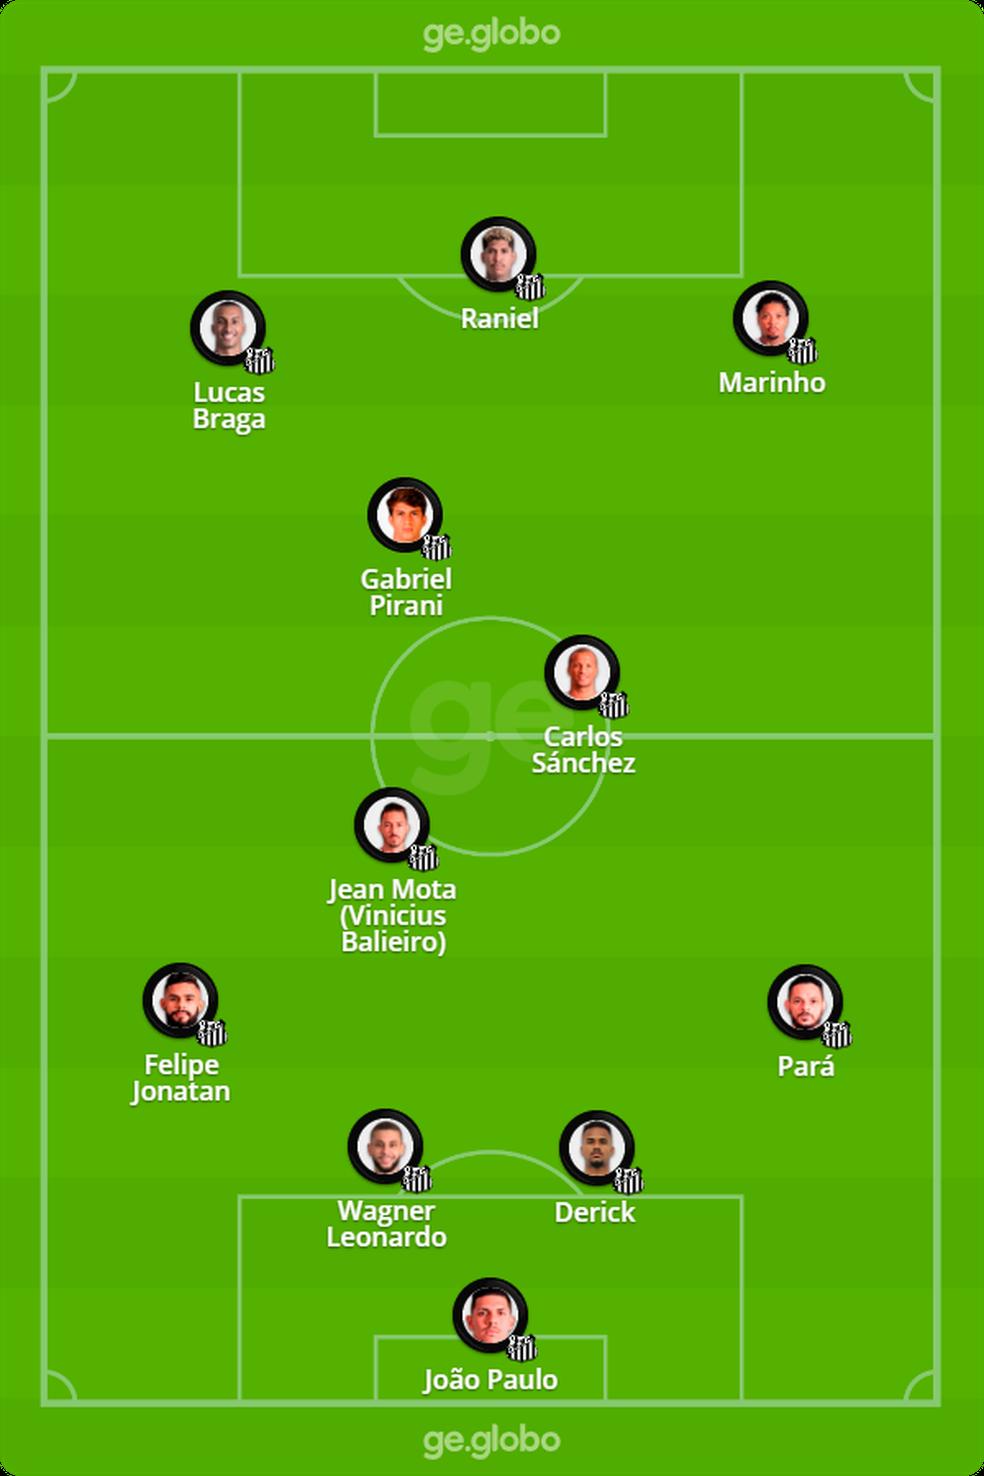 Provável escalação do Santos para enfrentar o Athletico — Foto: ge